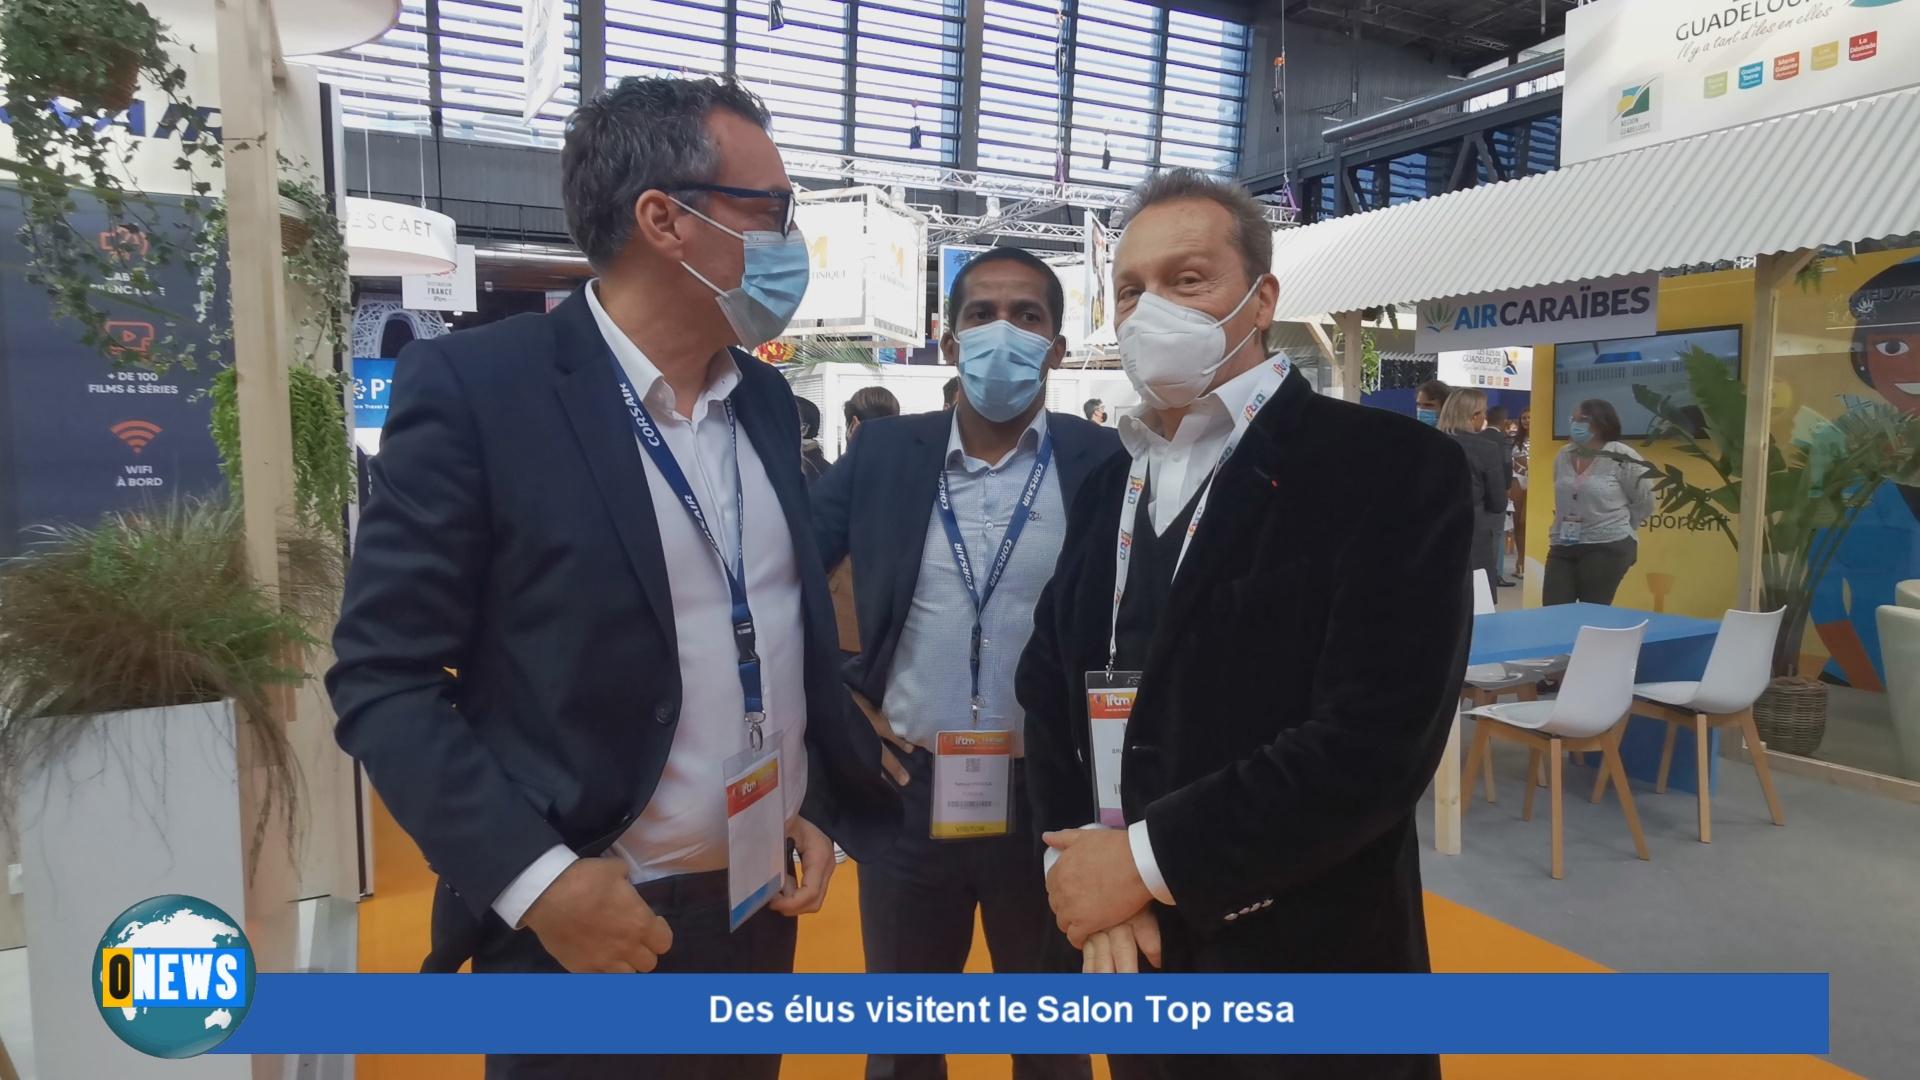 [Vidéo] Hexagone. Olivier SERVA Député et Bruno BLANDIN Président du MEDEF au Top Resa